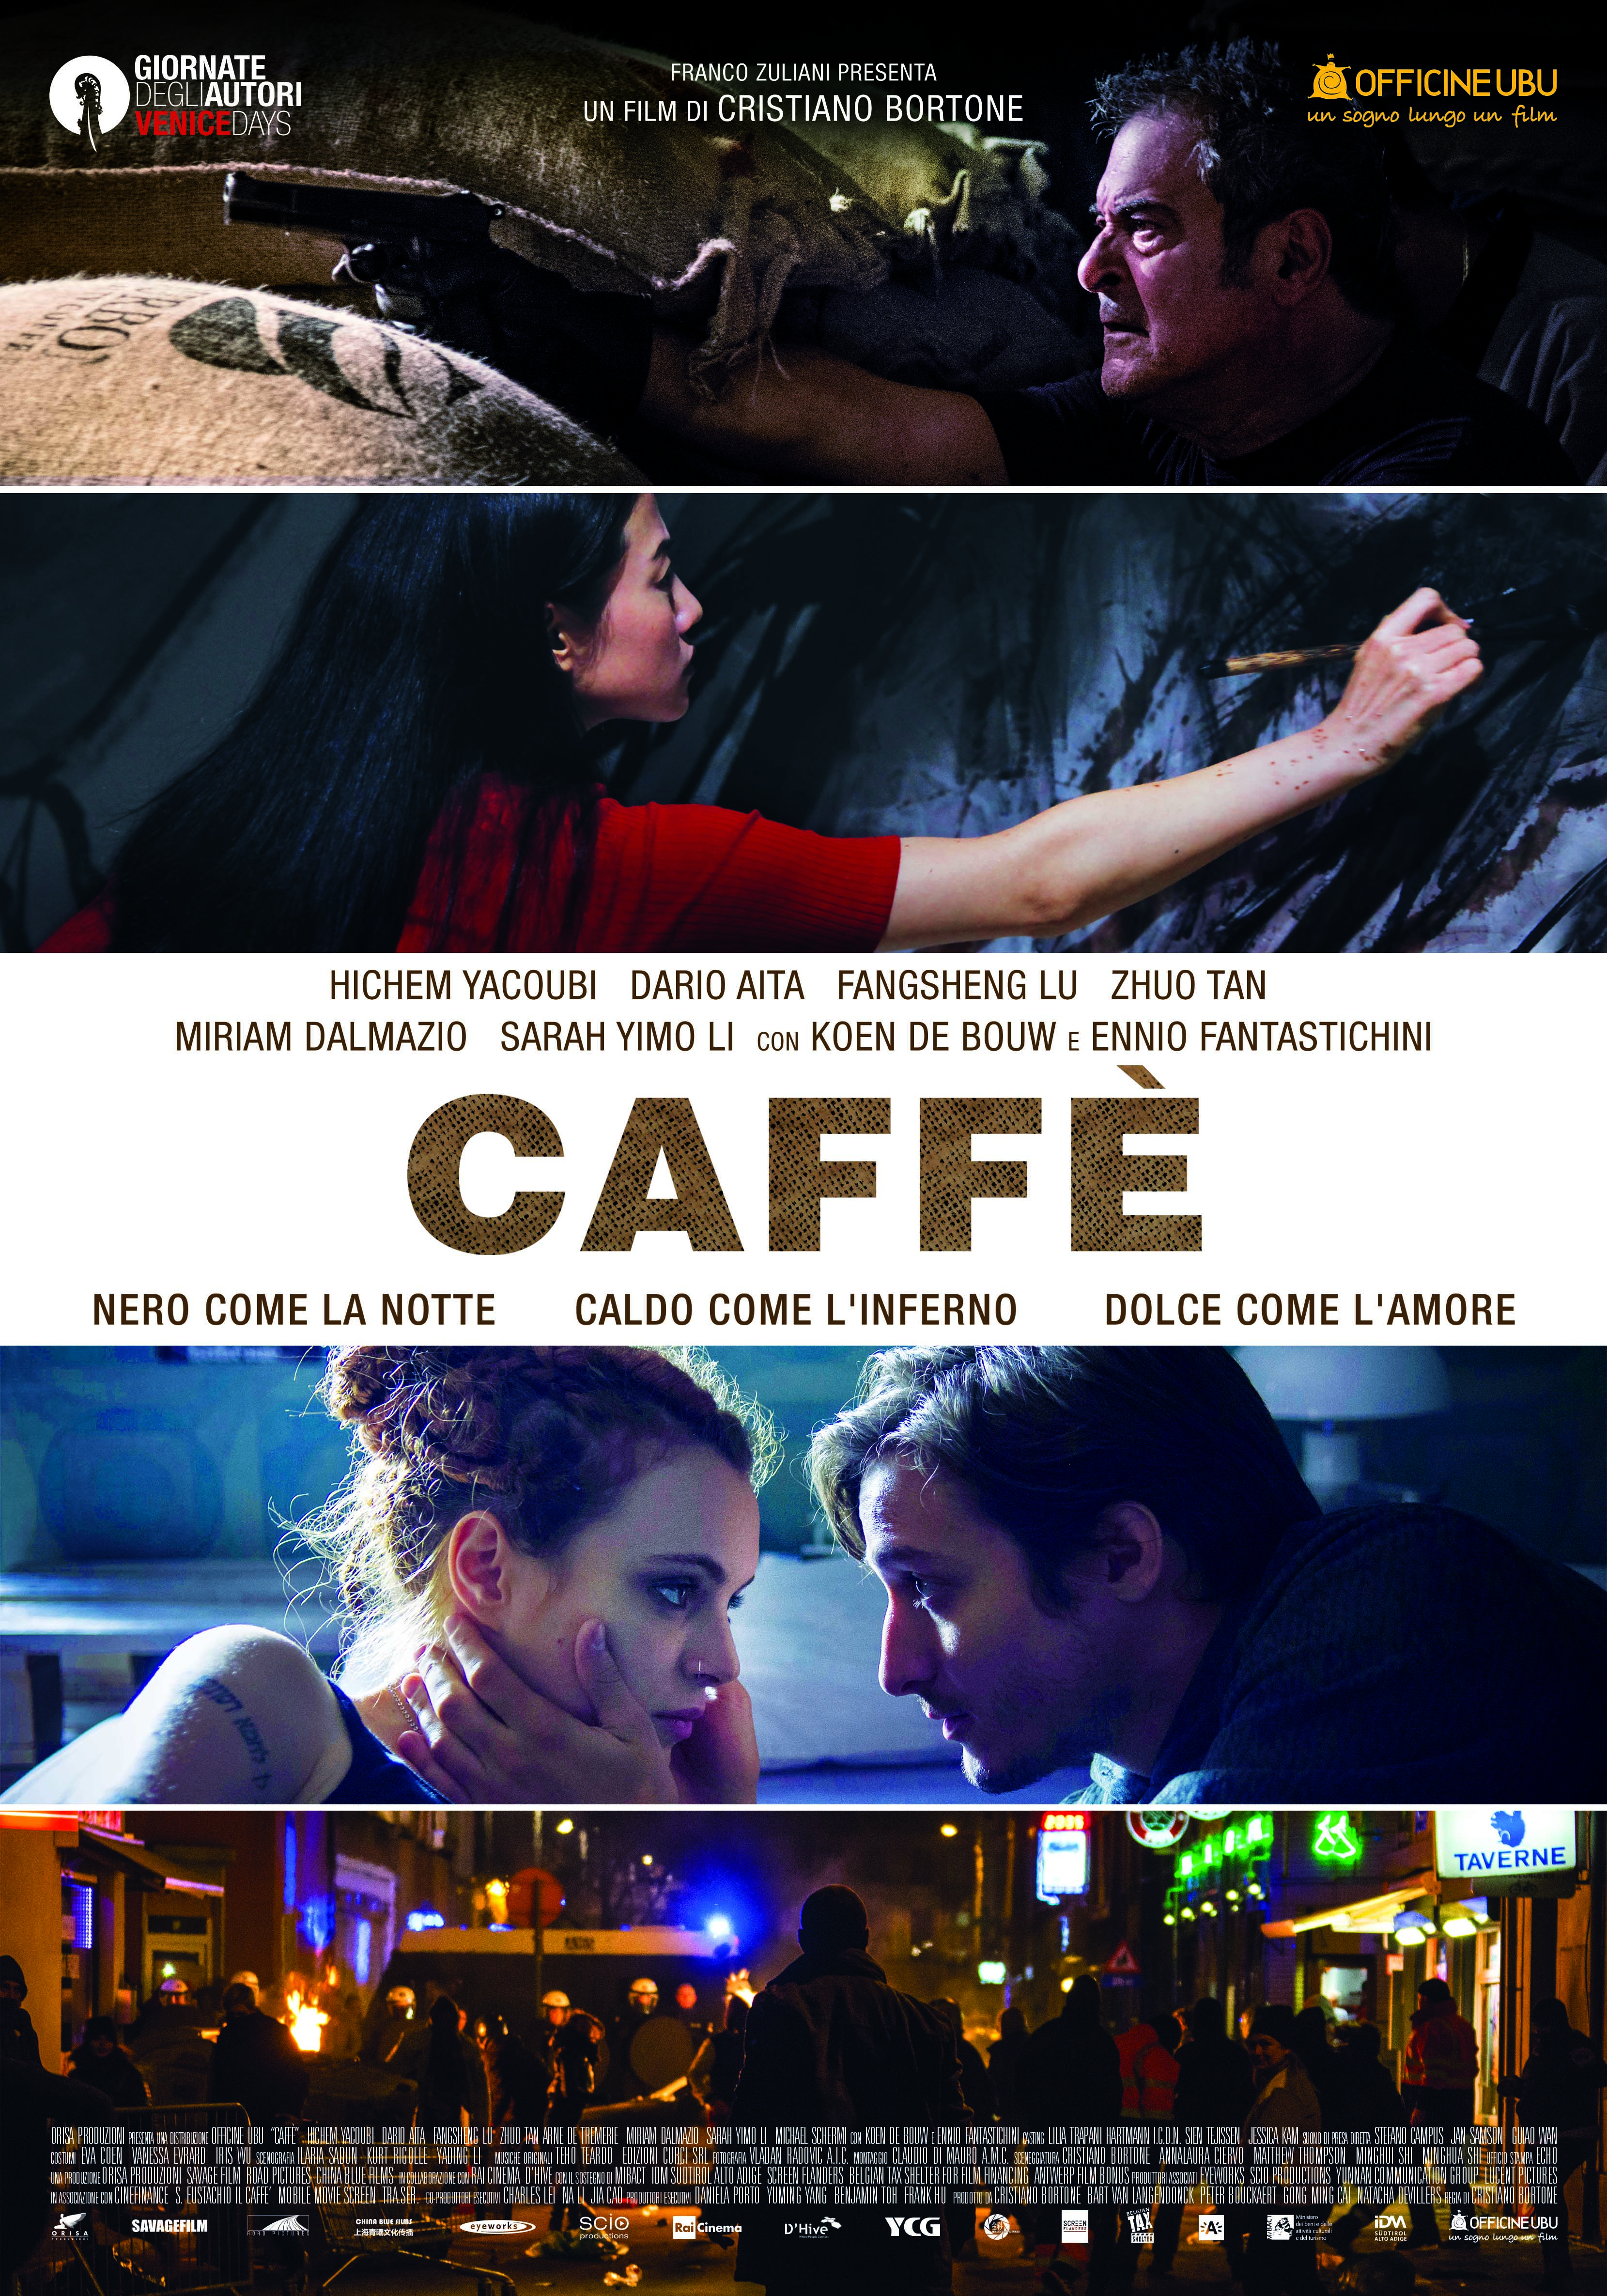 caffe-70x100bass